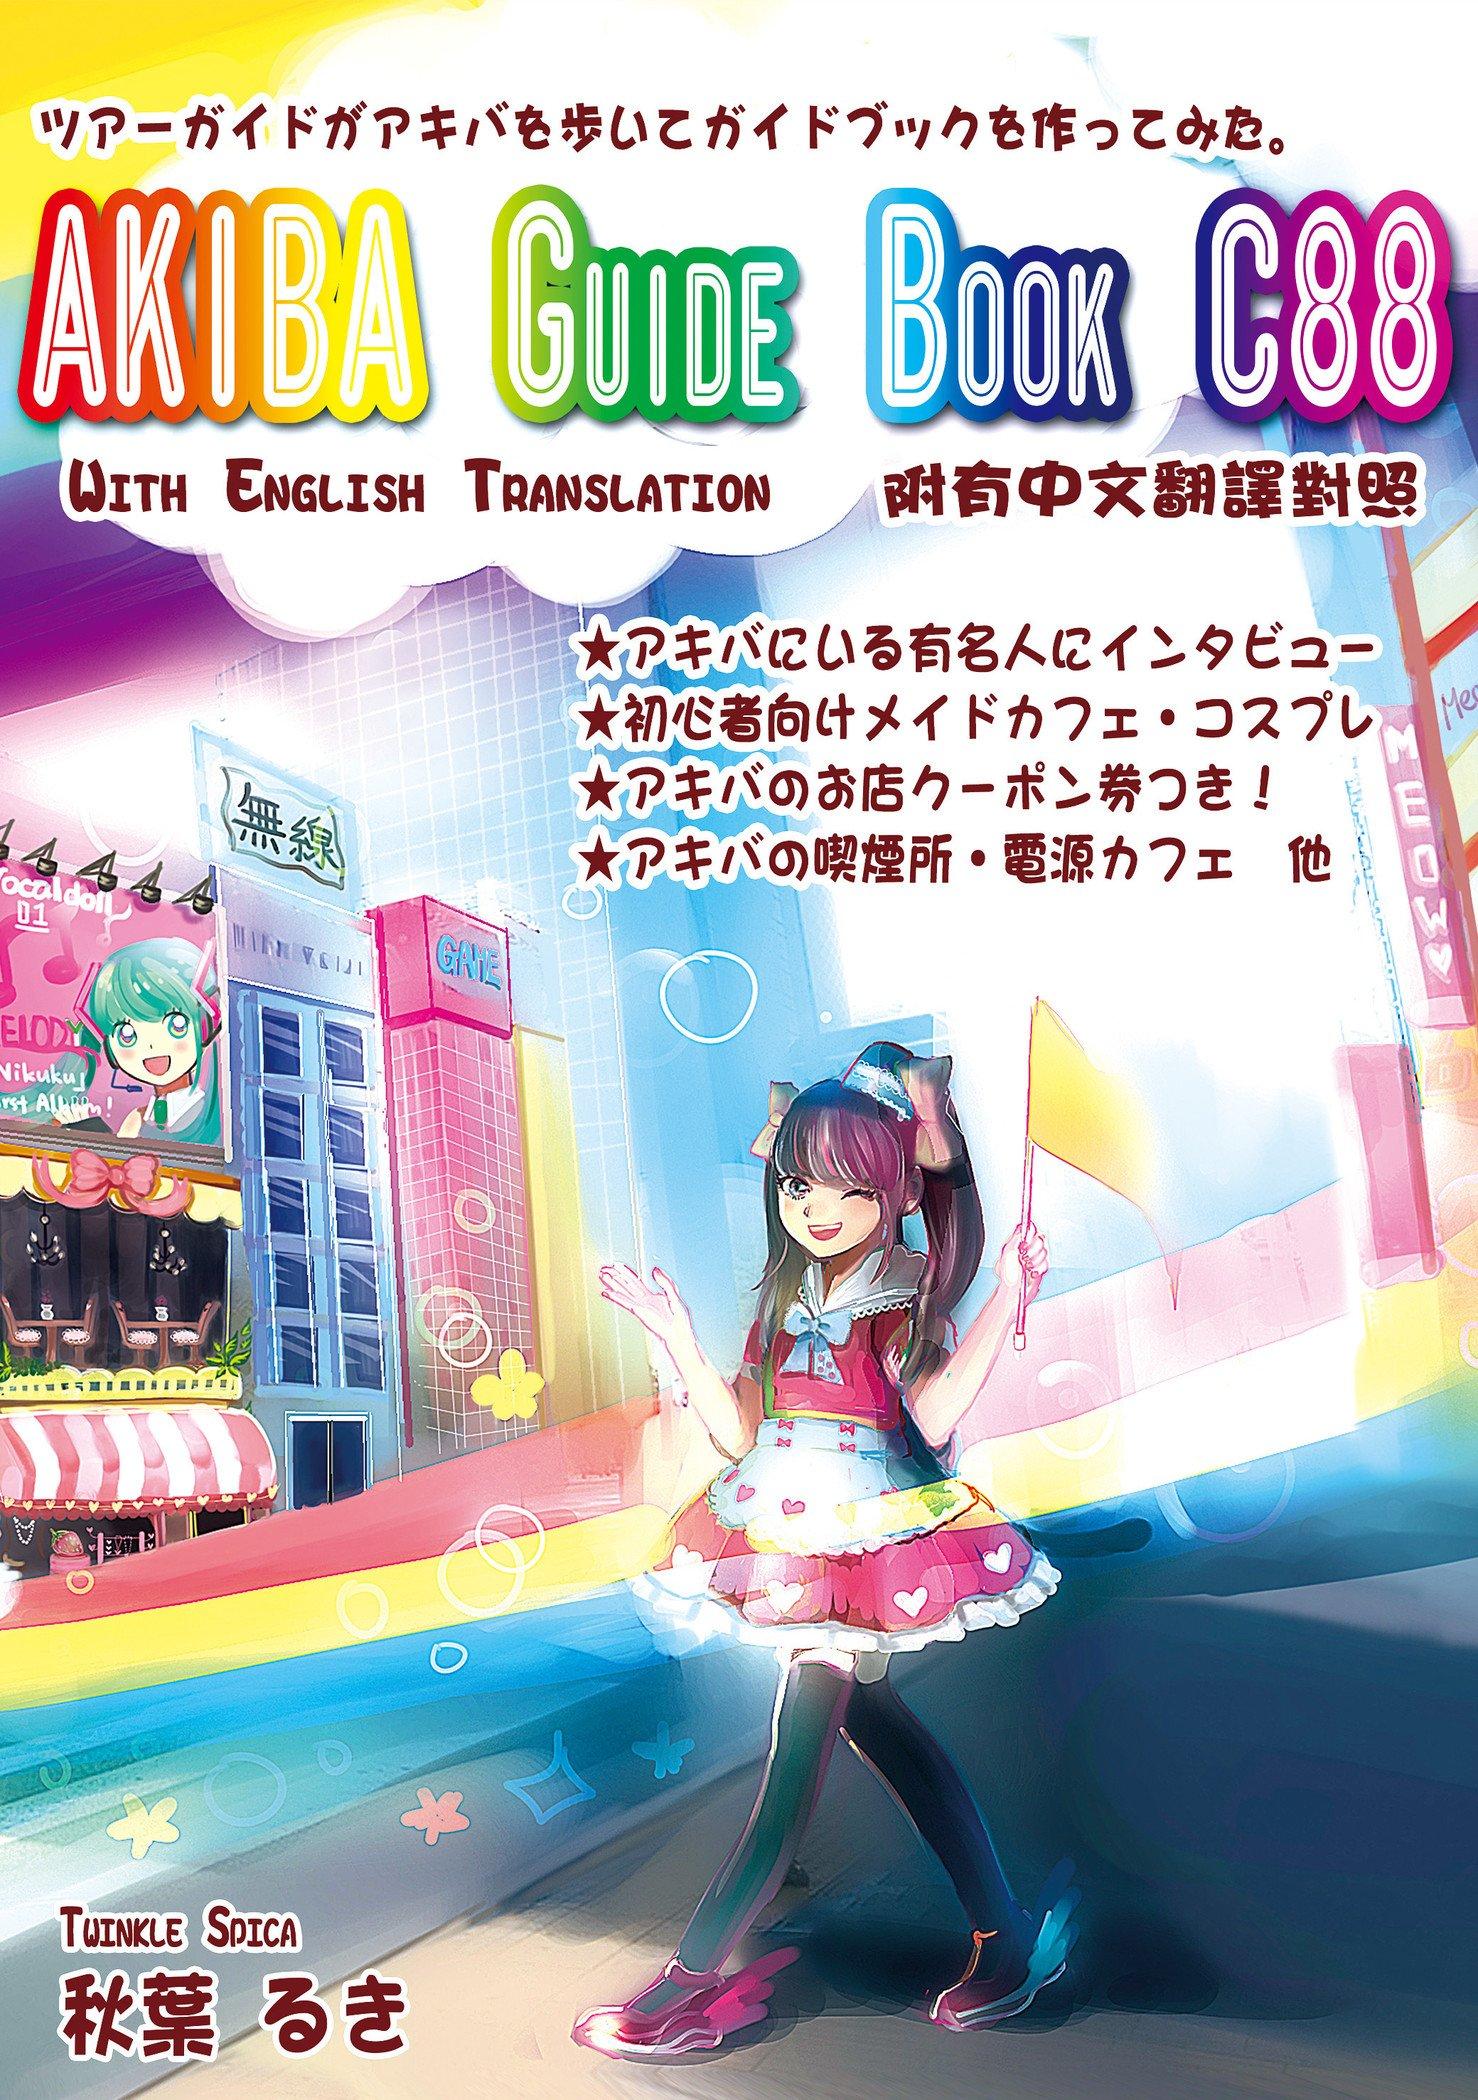 AKIBA Guide Book C88